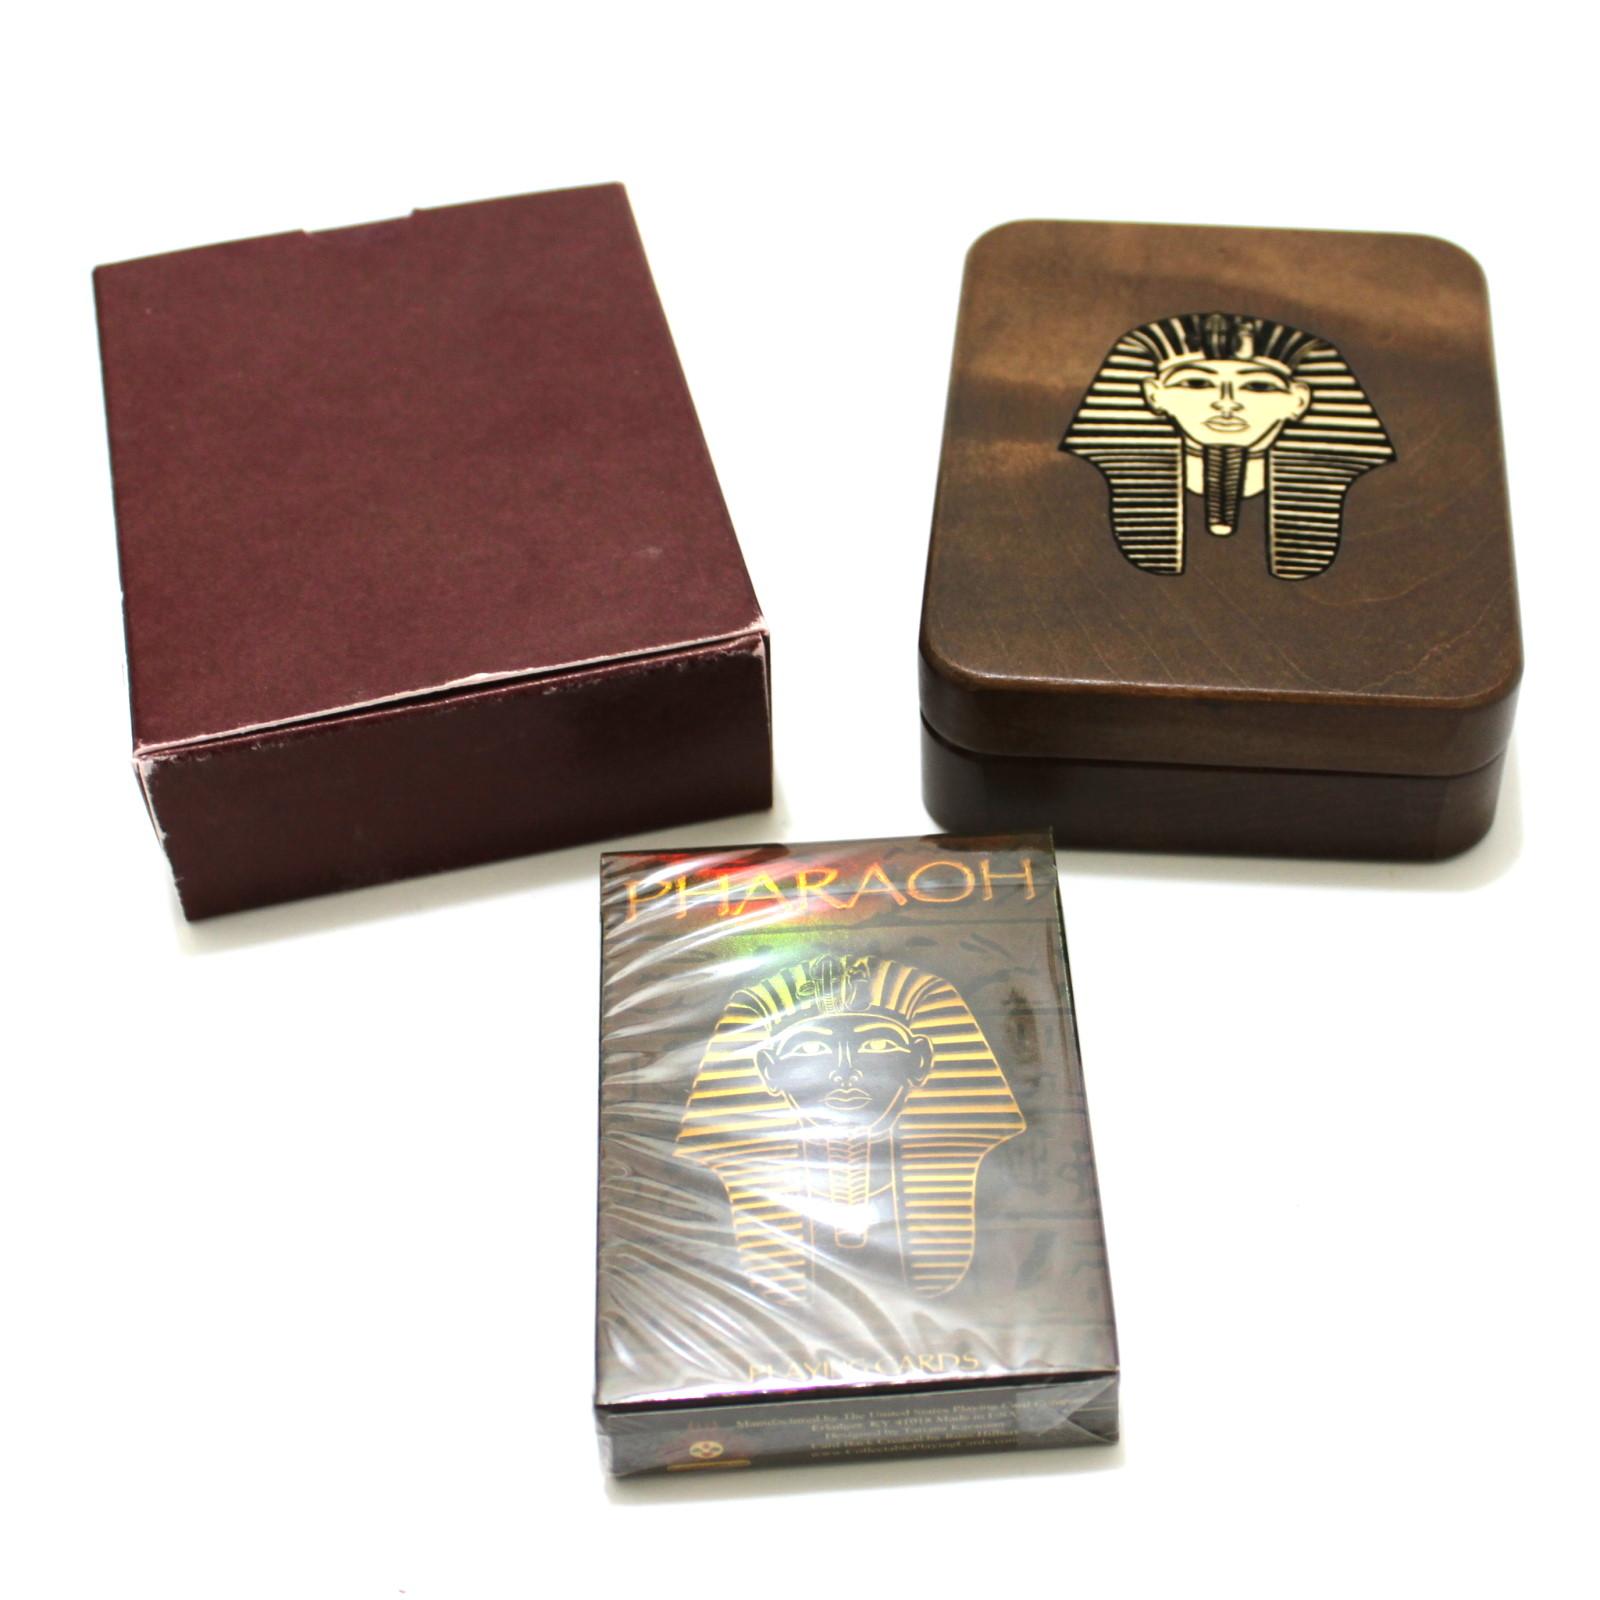 Walnut Pharaoh Box + Foil Deck by Tatiana Karaman